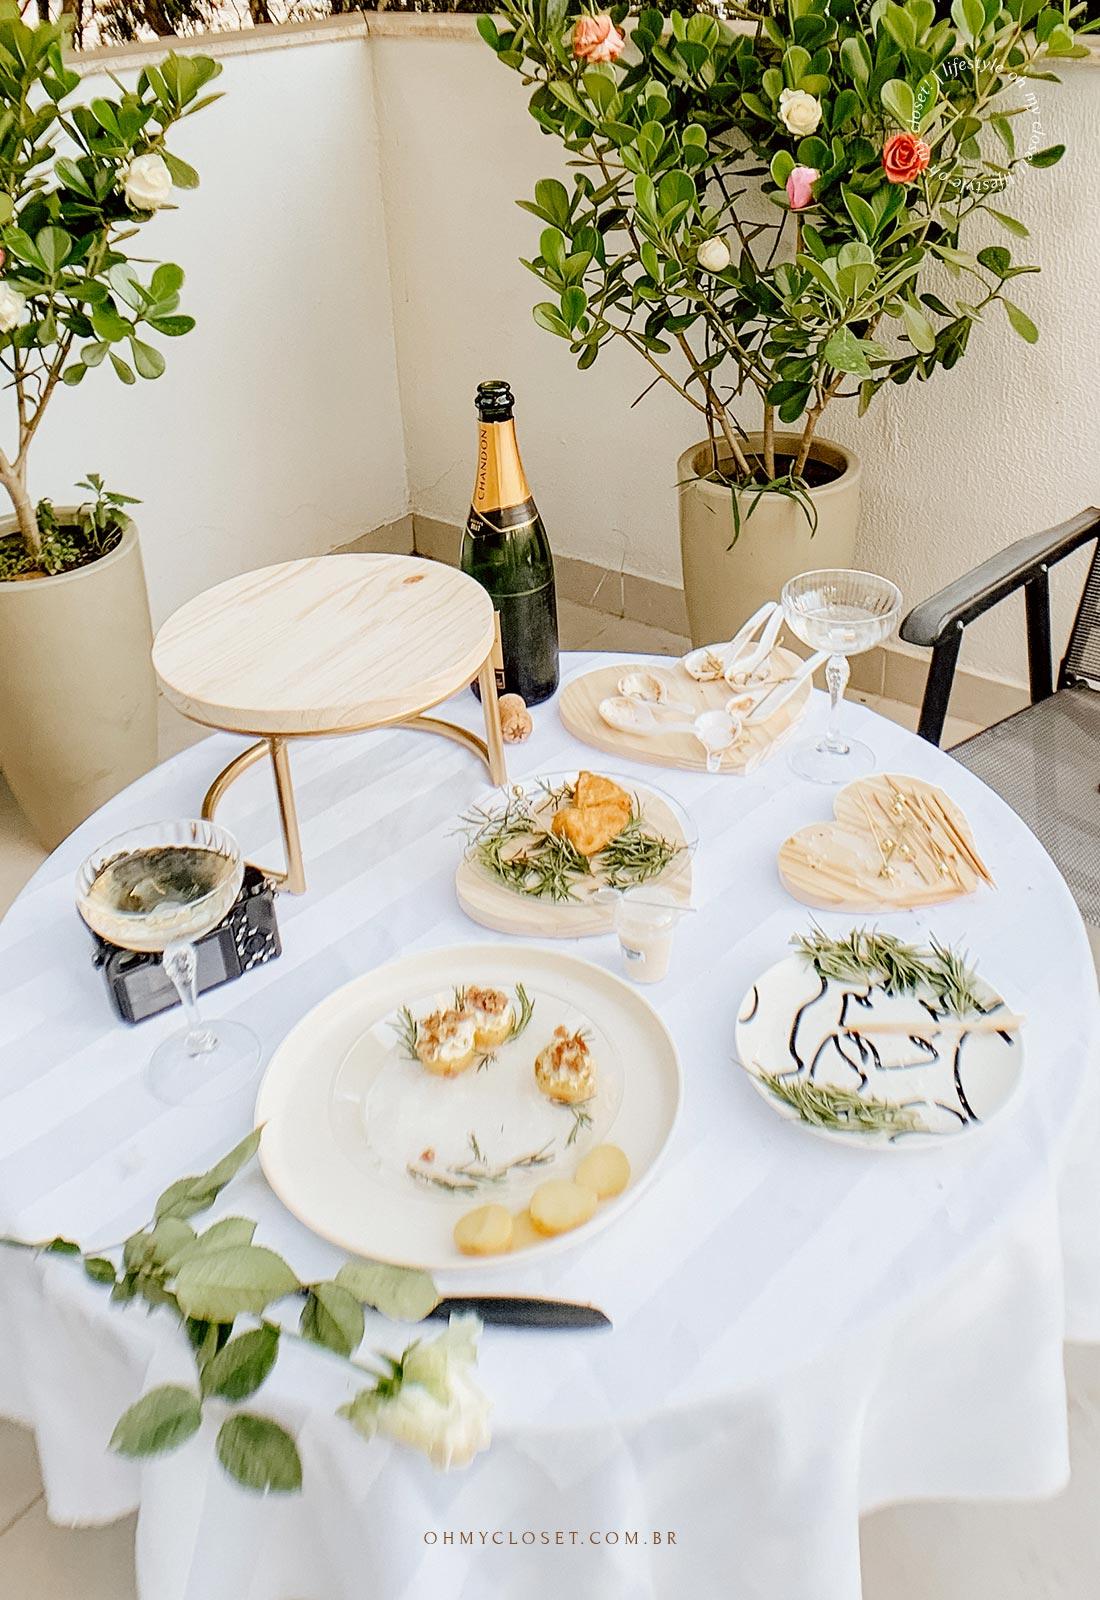 Mesa de comida, sem o bolo, com decoração de rosas ao fundo.